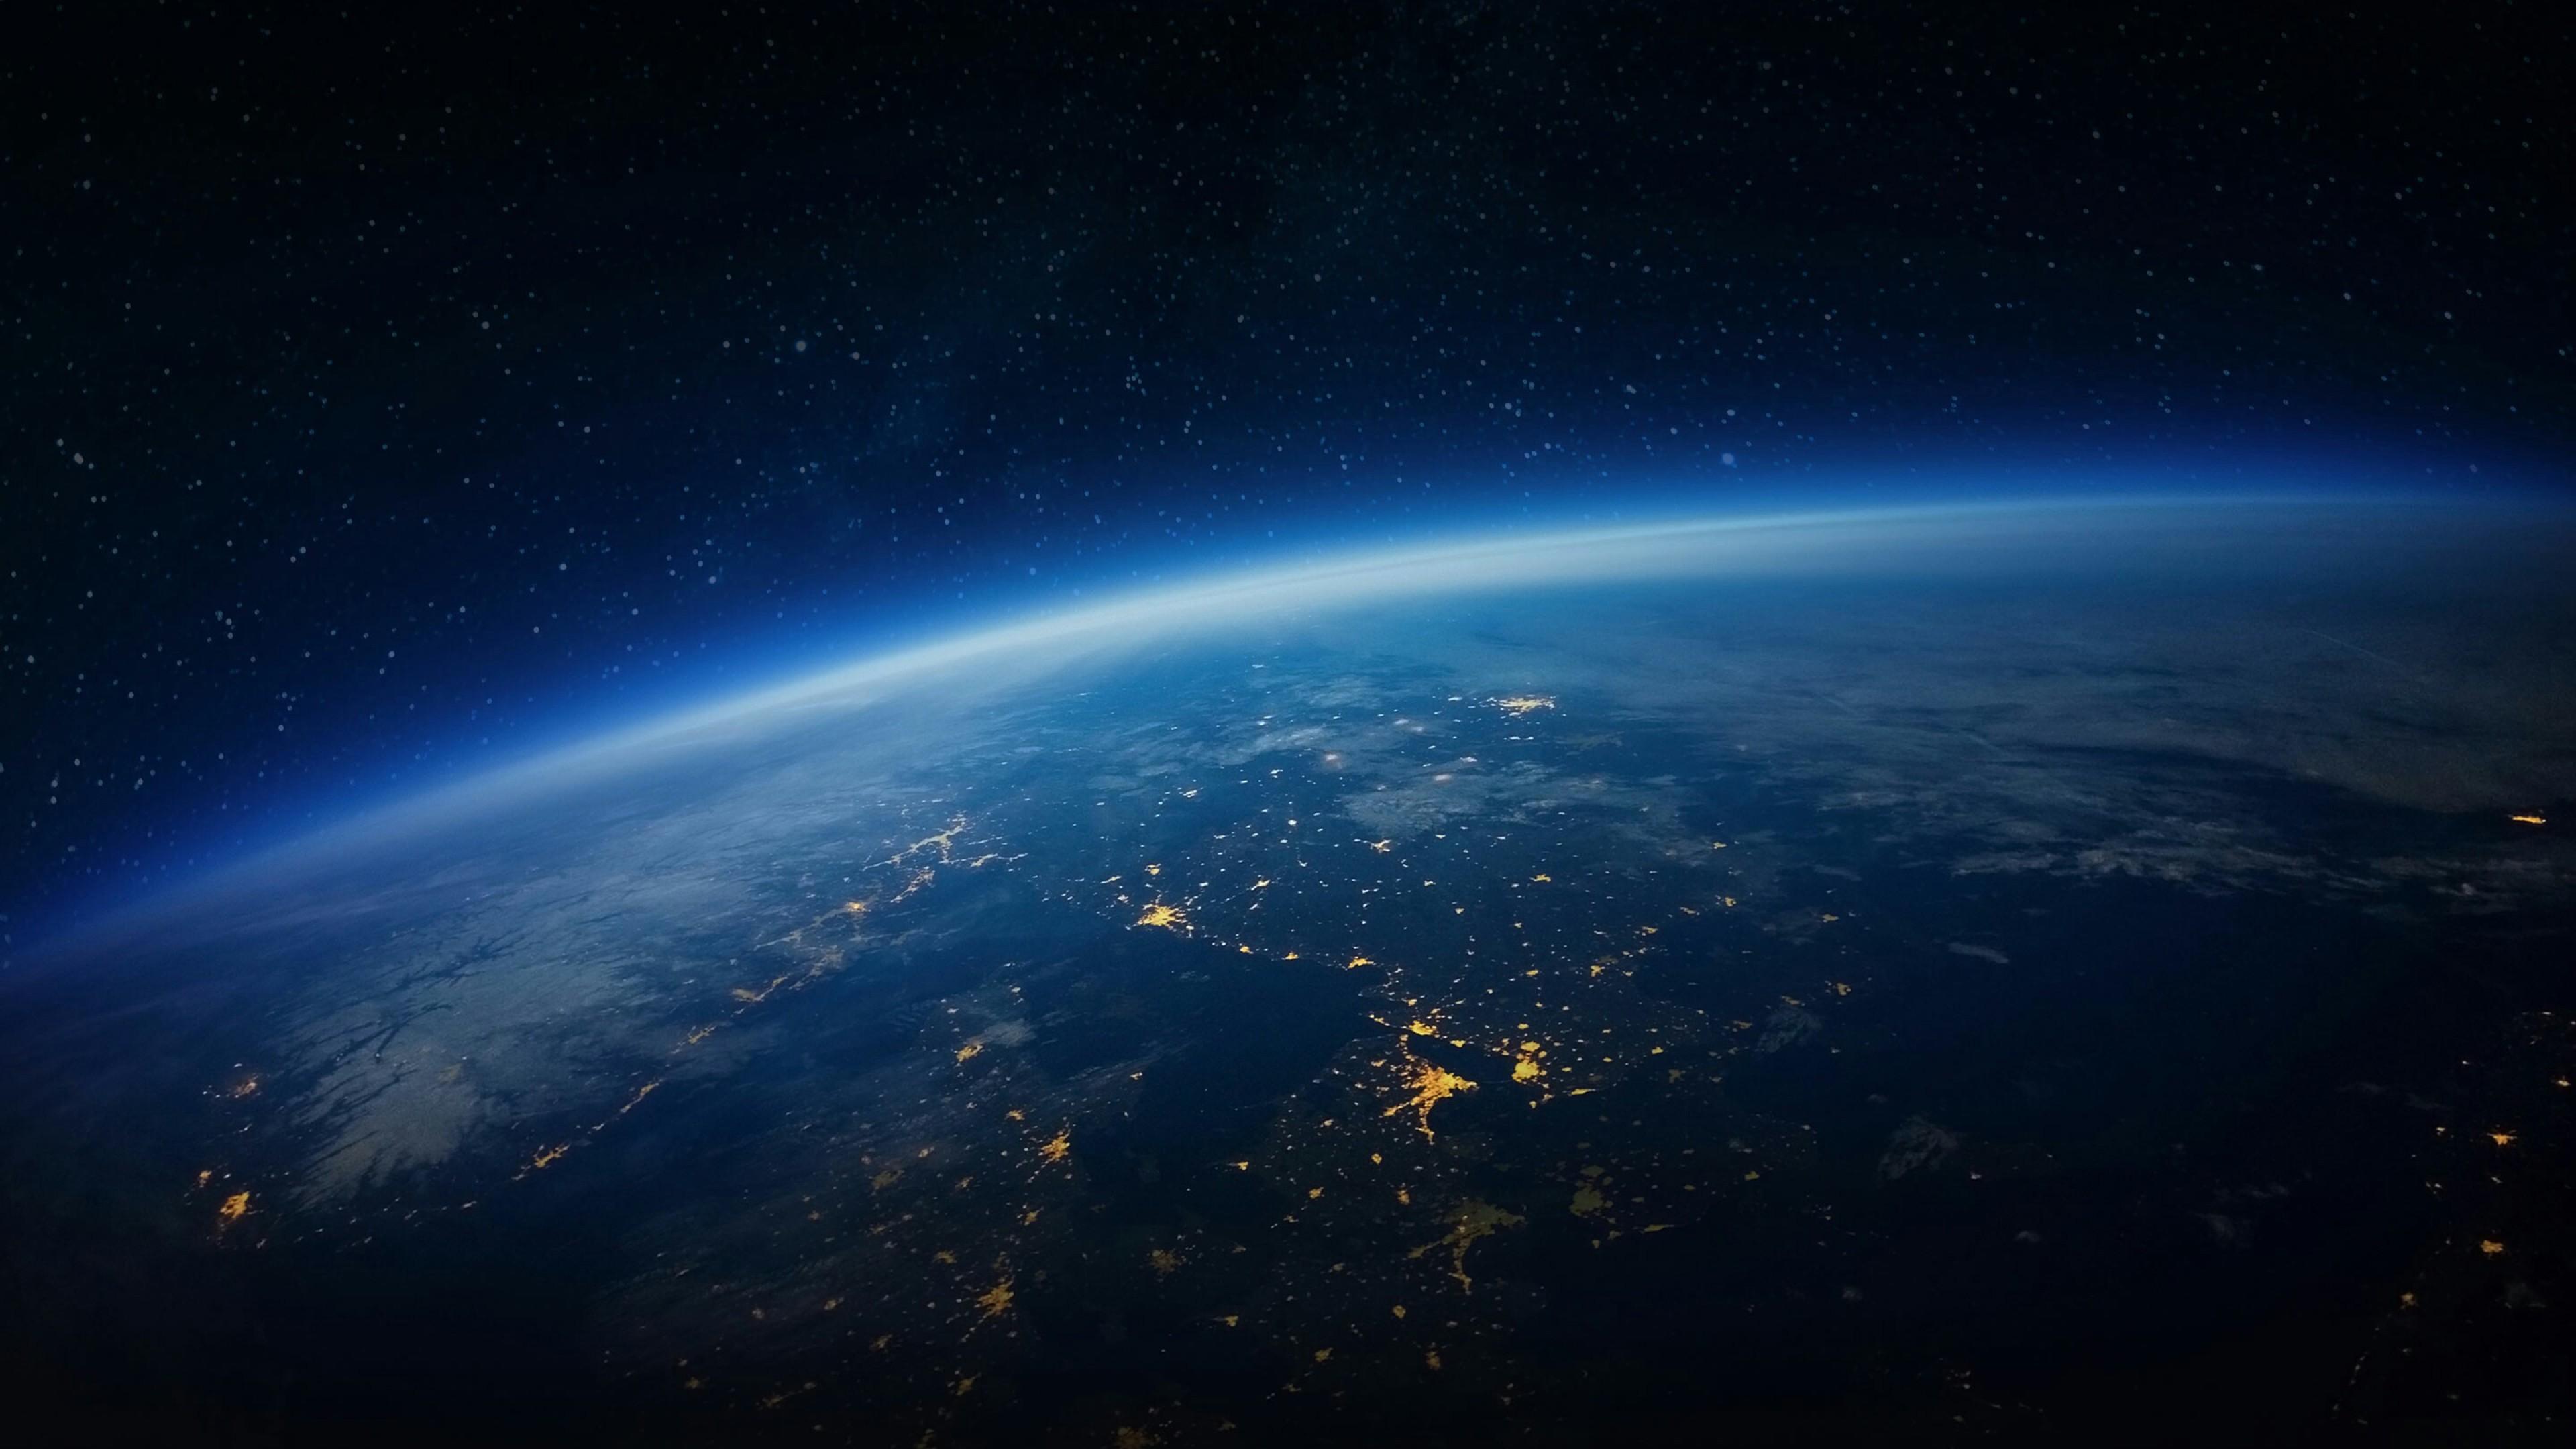 Голубая планета Земля в отблесках и свечении звездной Вселенной